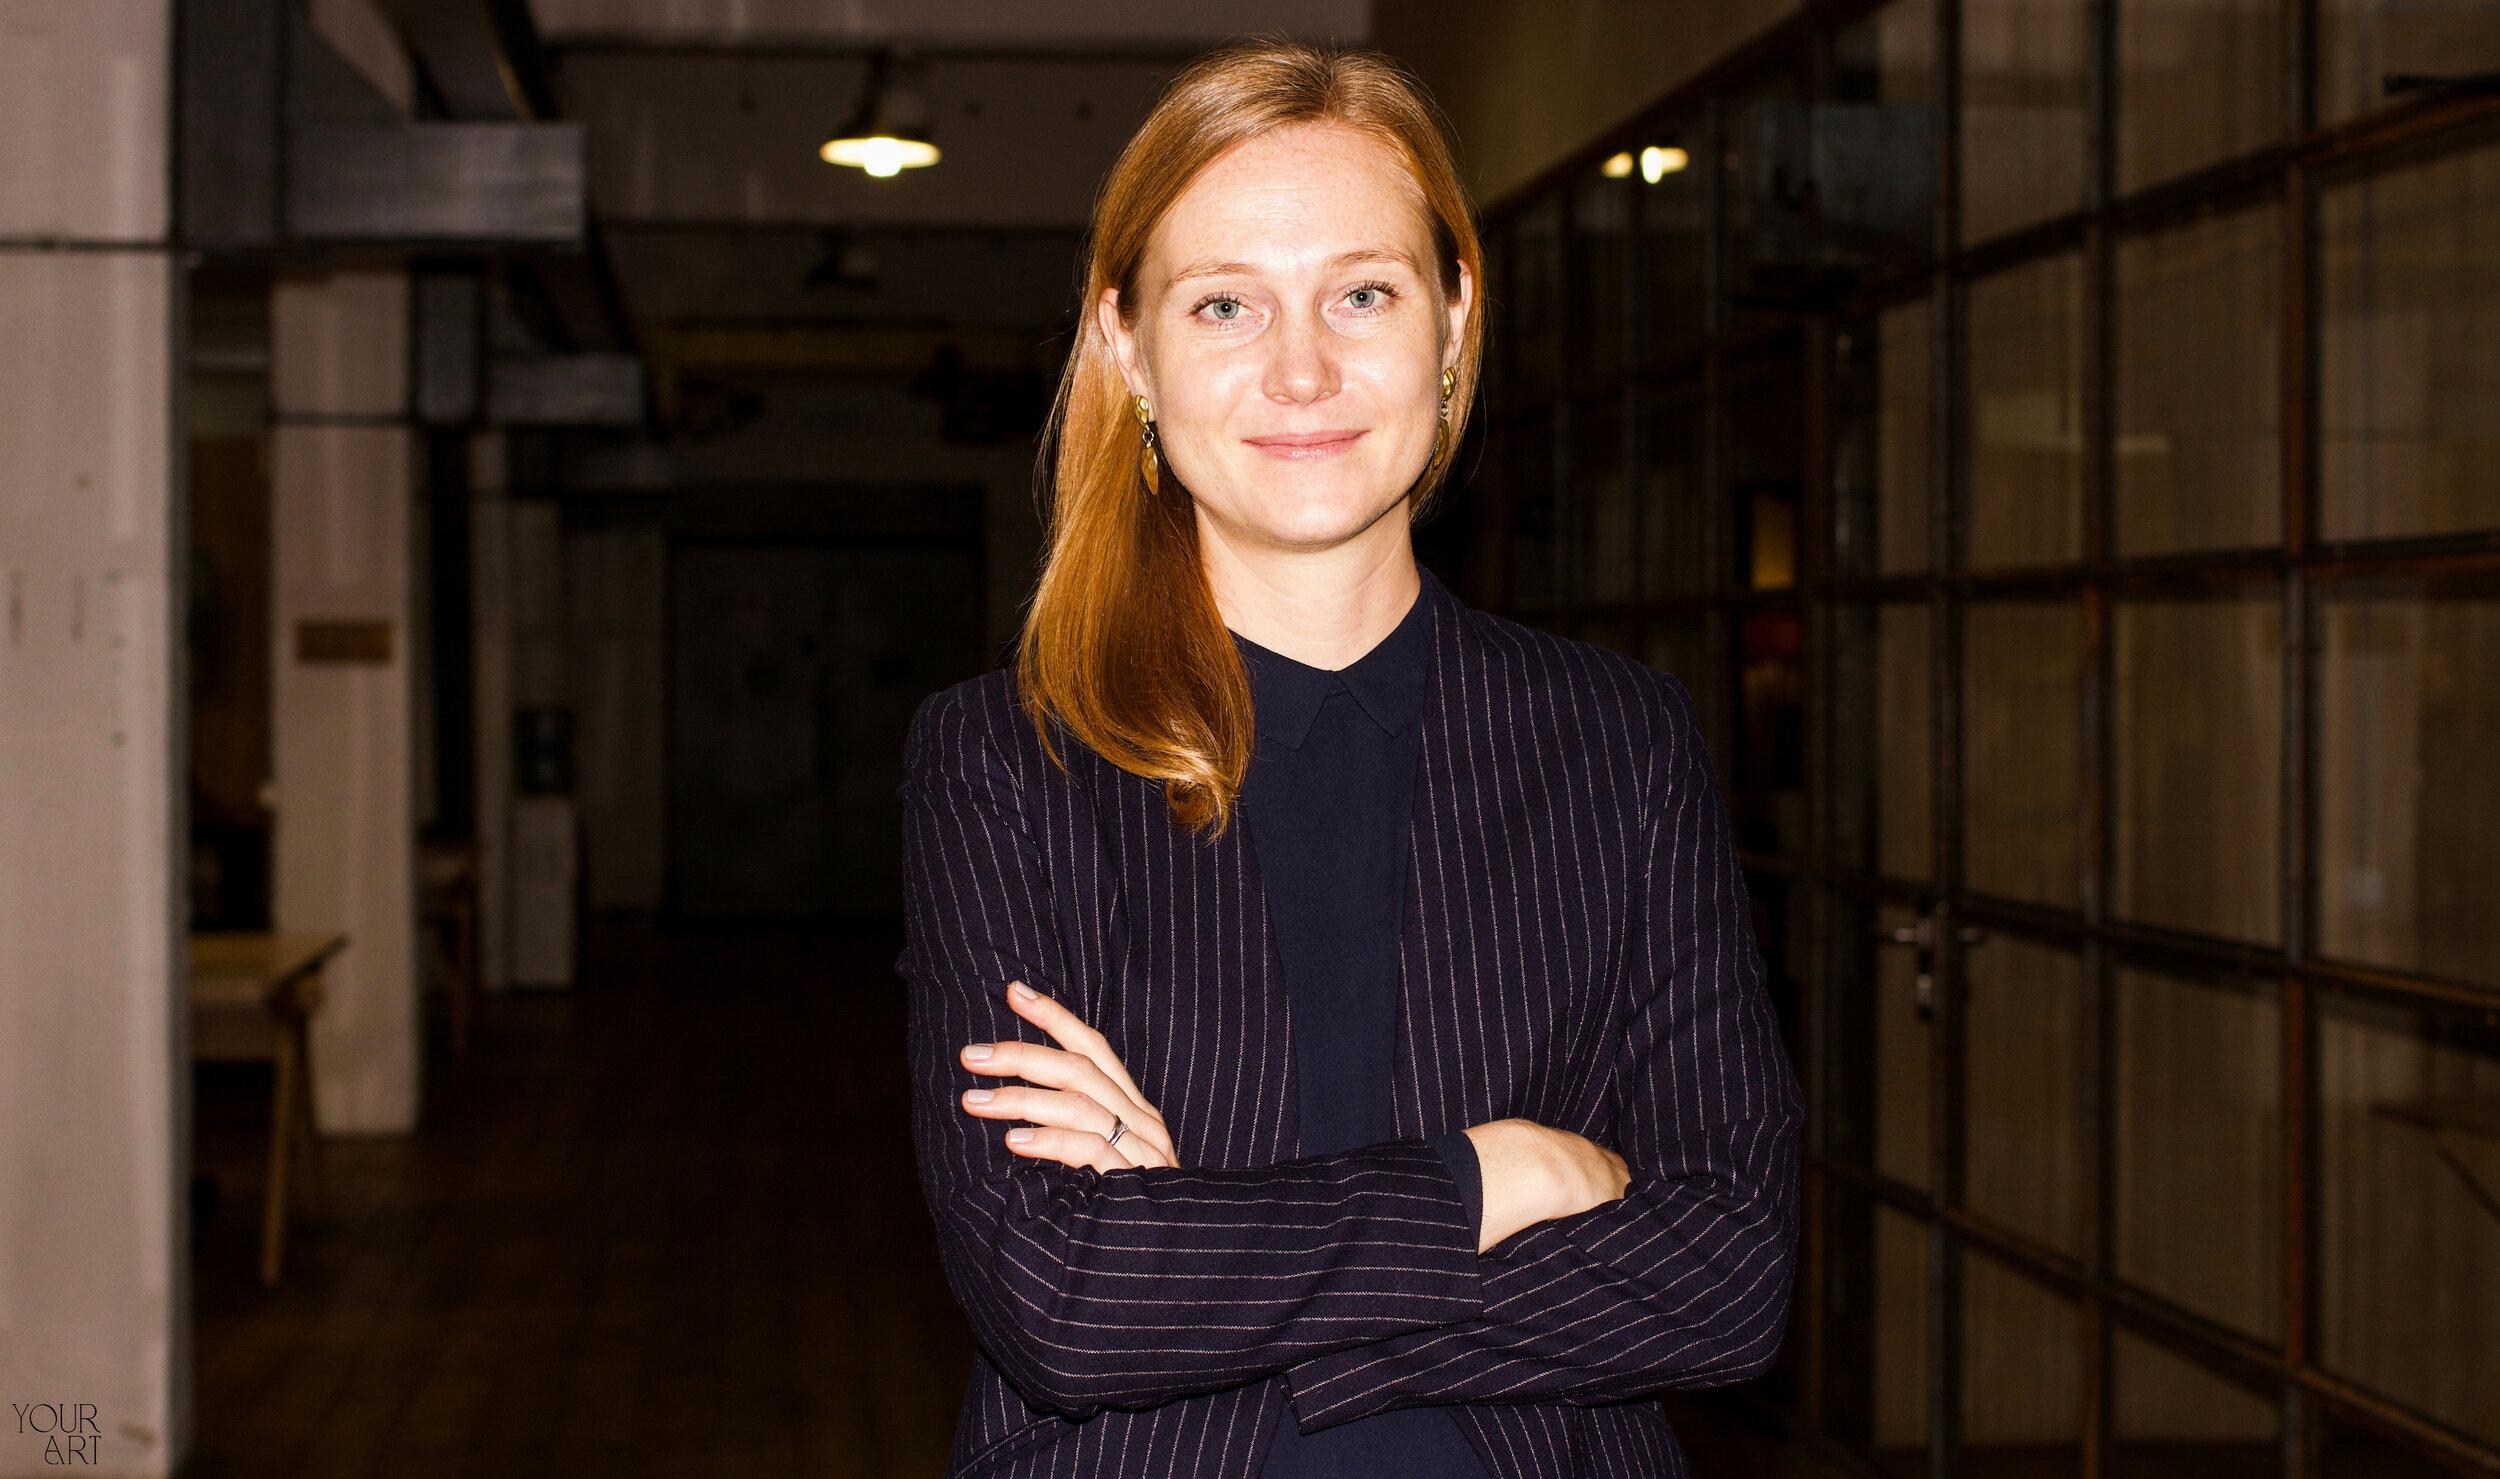 Катерина Філюк про потенціал сучасного мистецтва та діалог із глядачем